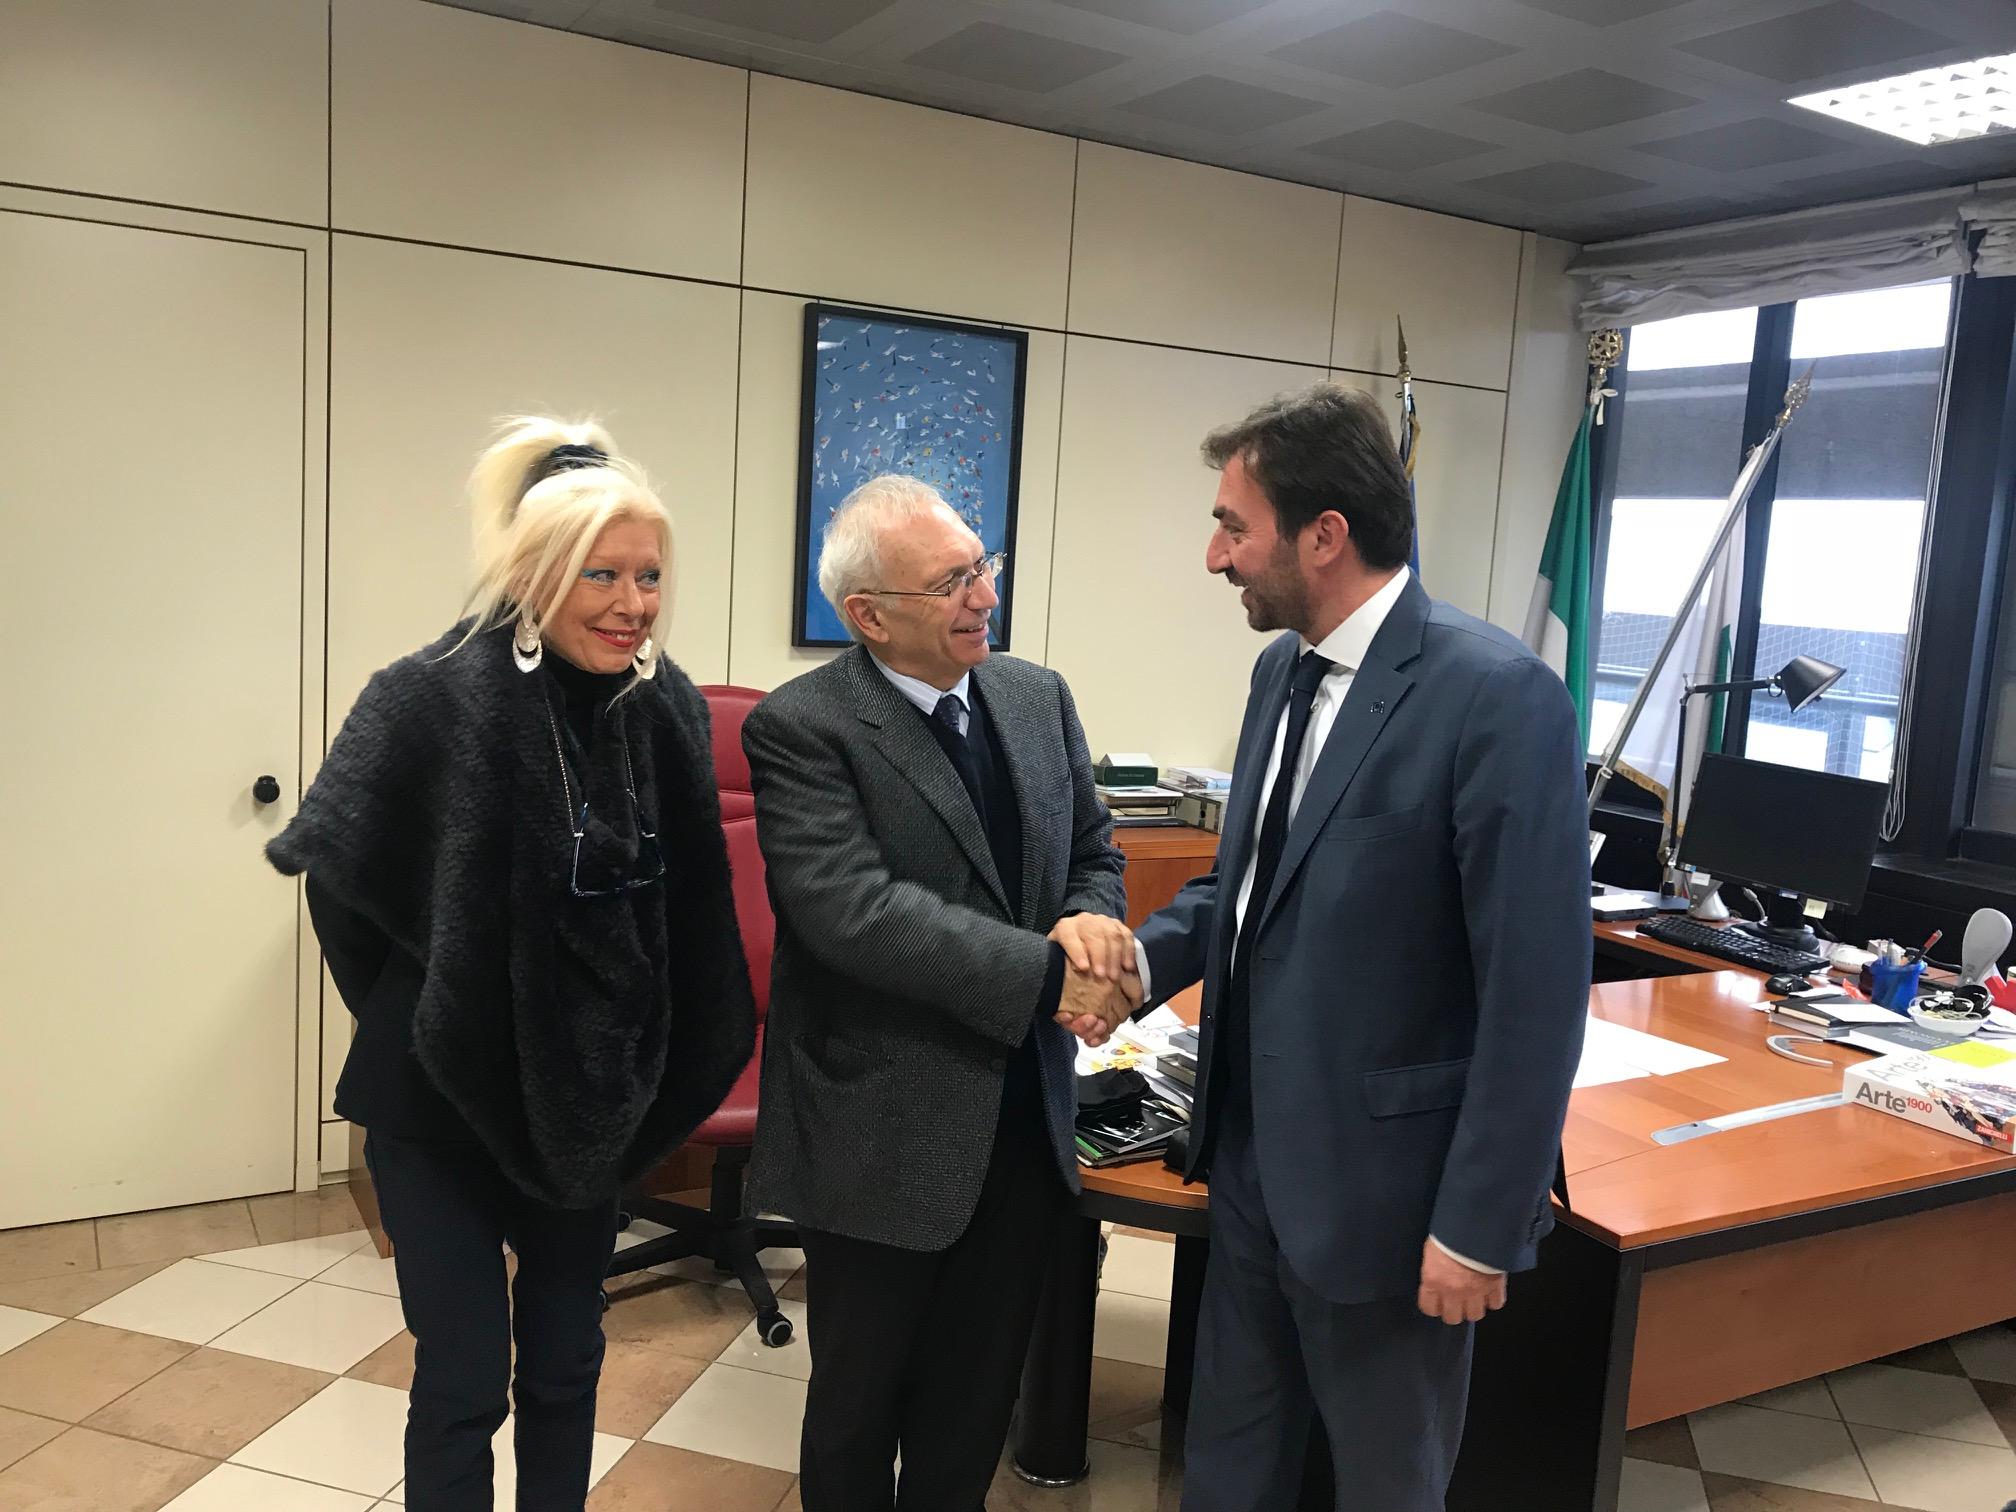 Σε εξέλιξη οι επαφές της Περιφέρειας Κρήτης για την Ανάπτυξη Διμερών Σχέσεων